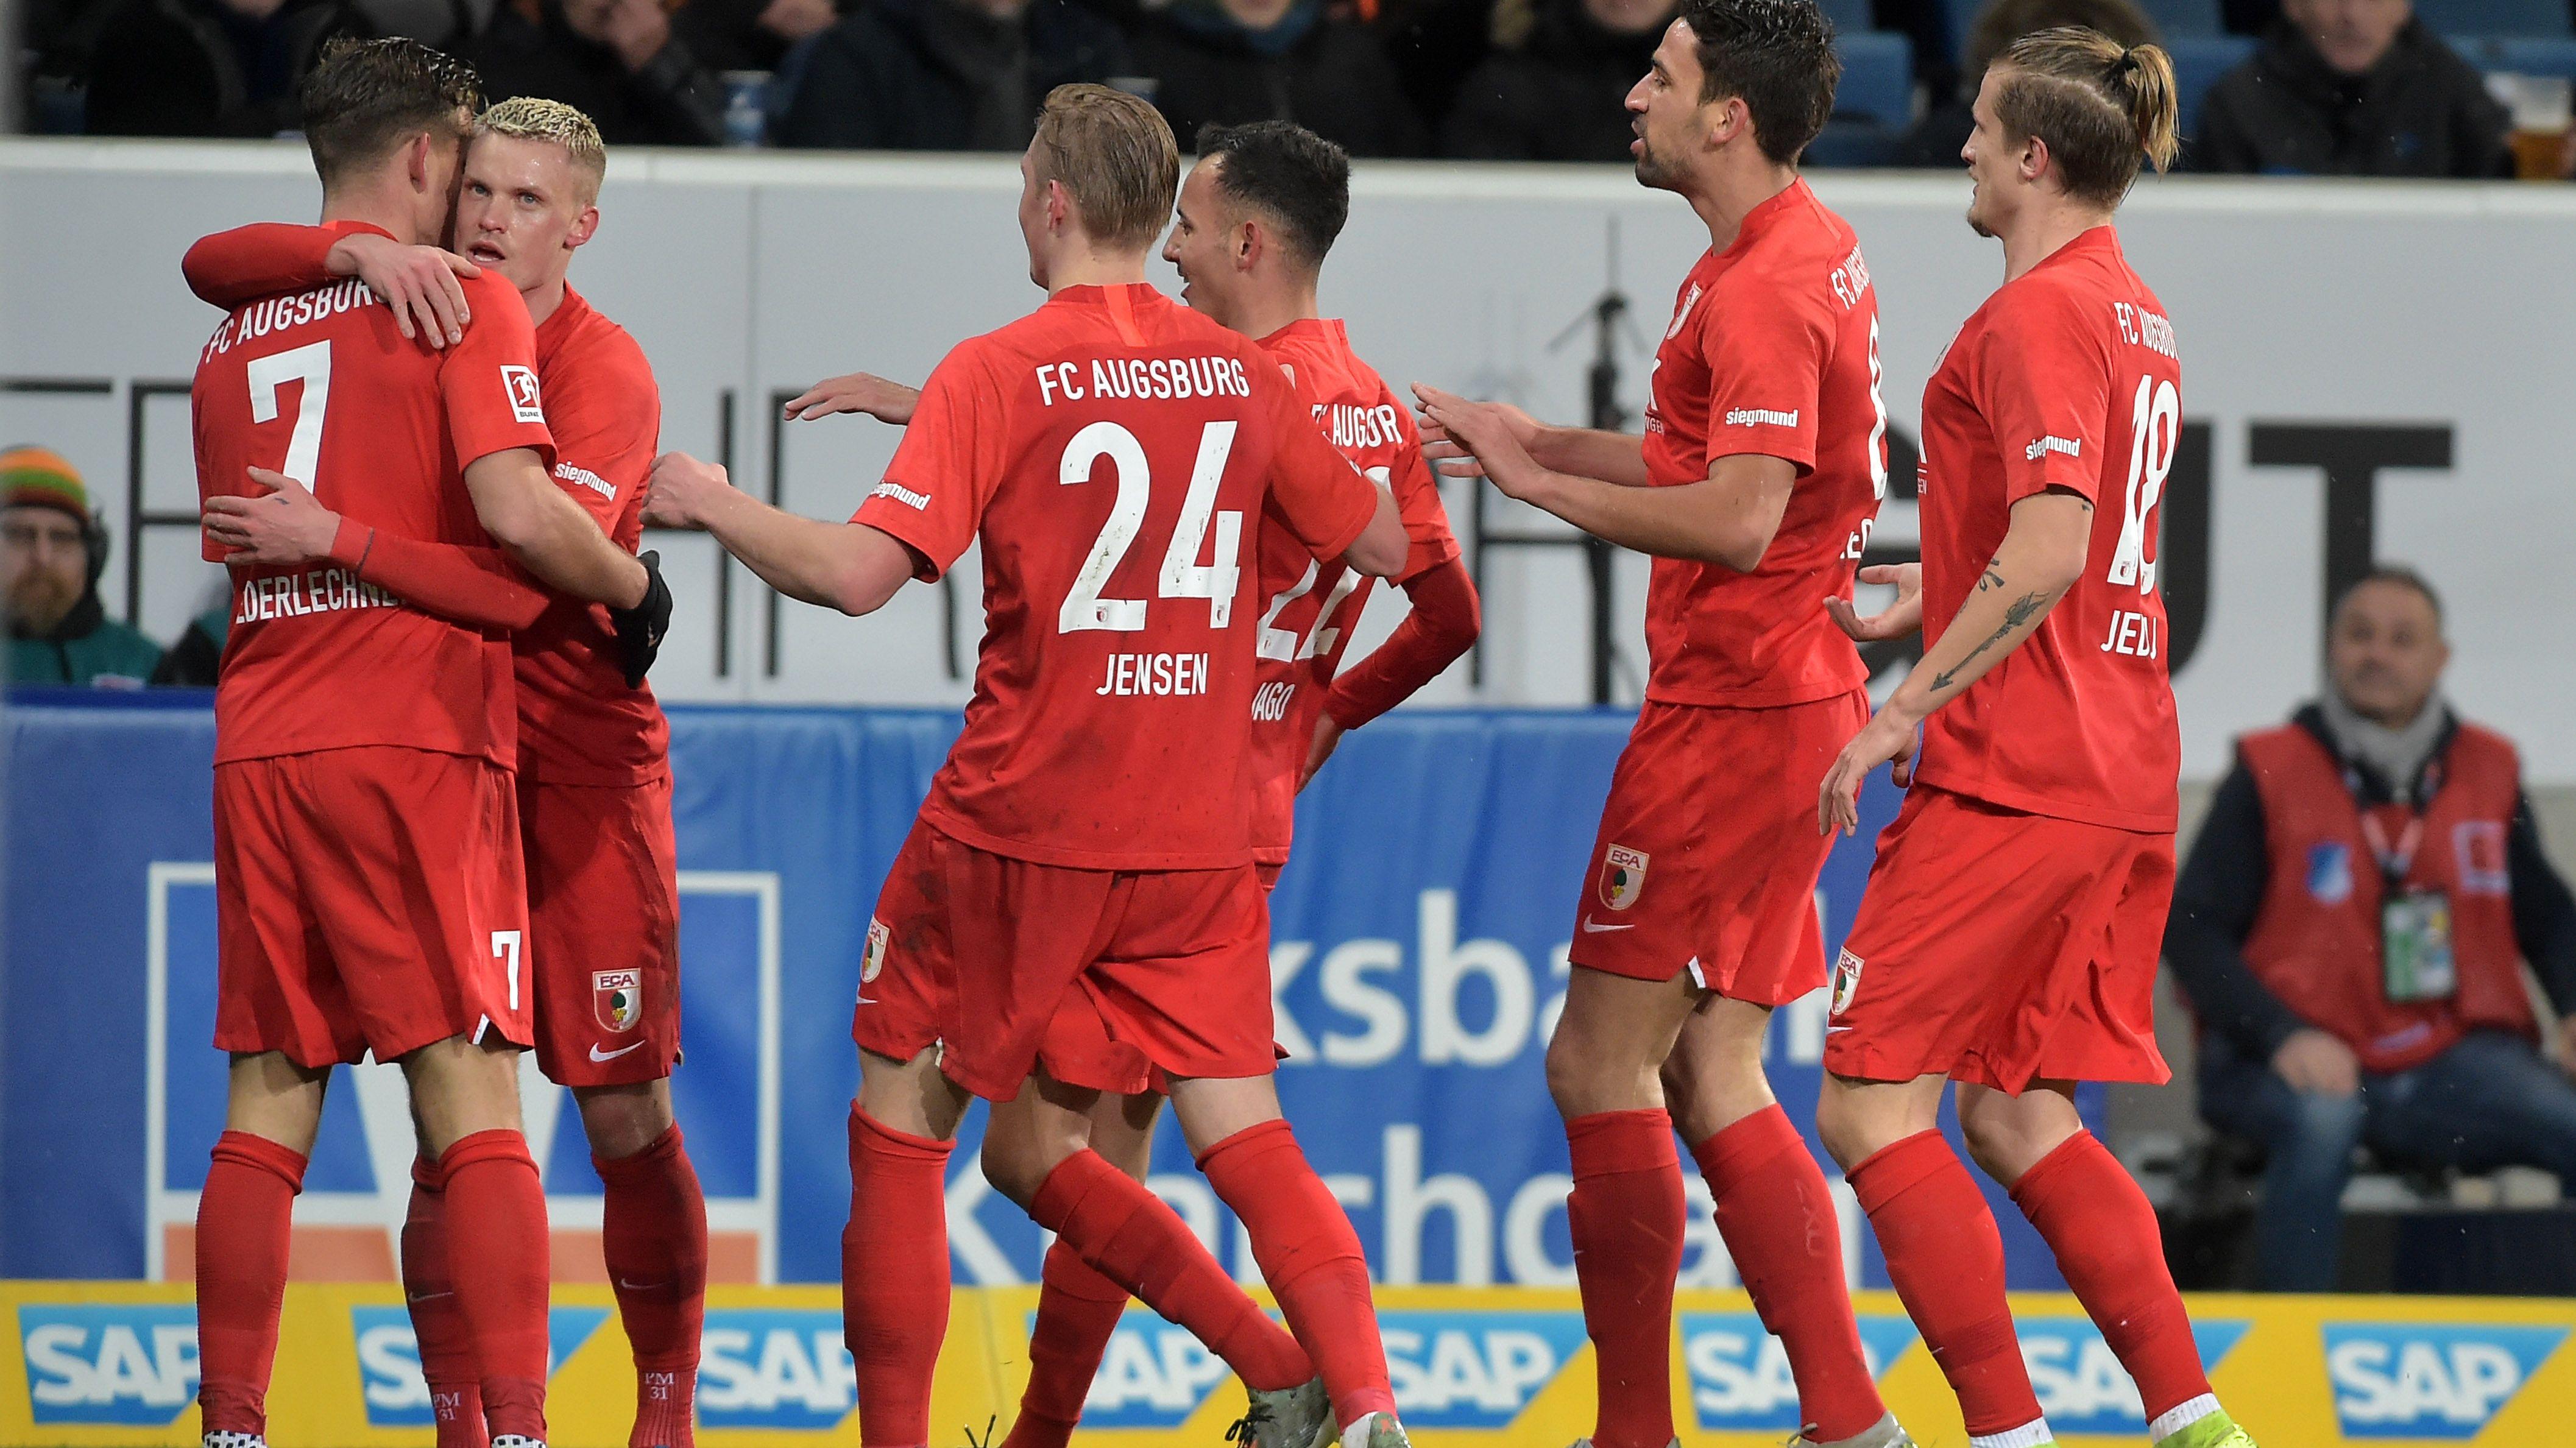 Der FC Augsburg jubelt nach dem Sieg gegen Hoffenheim